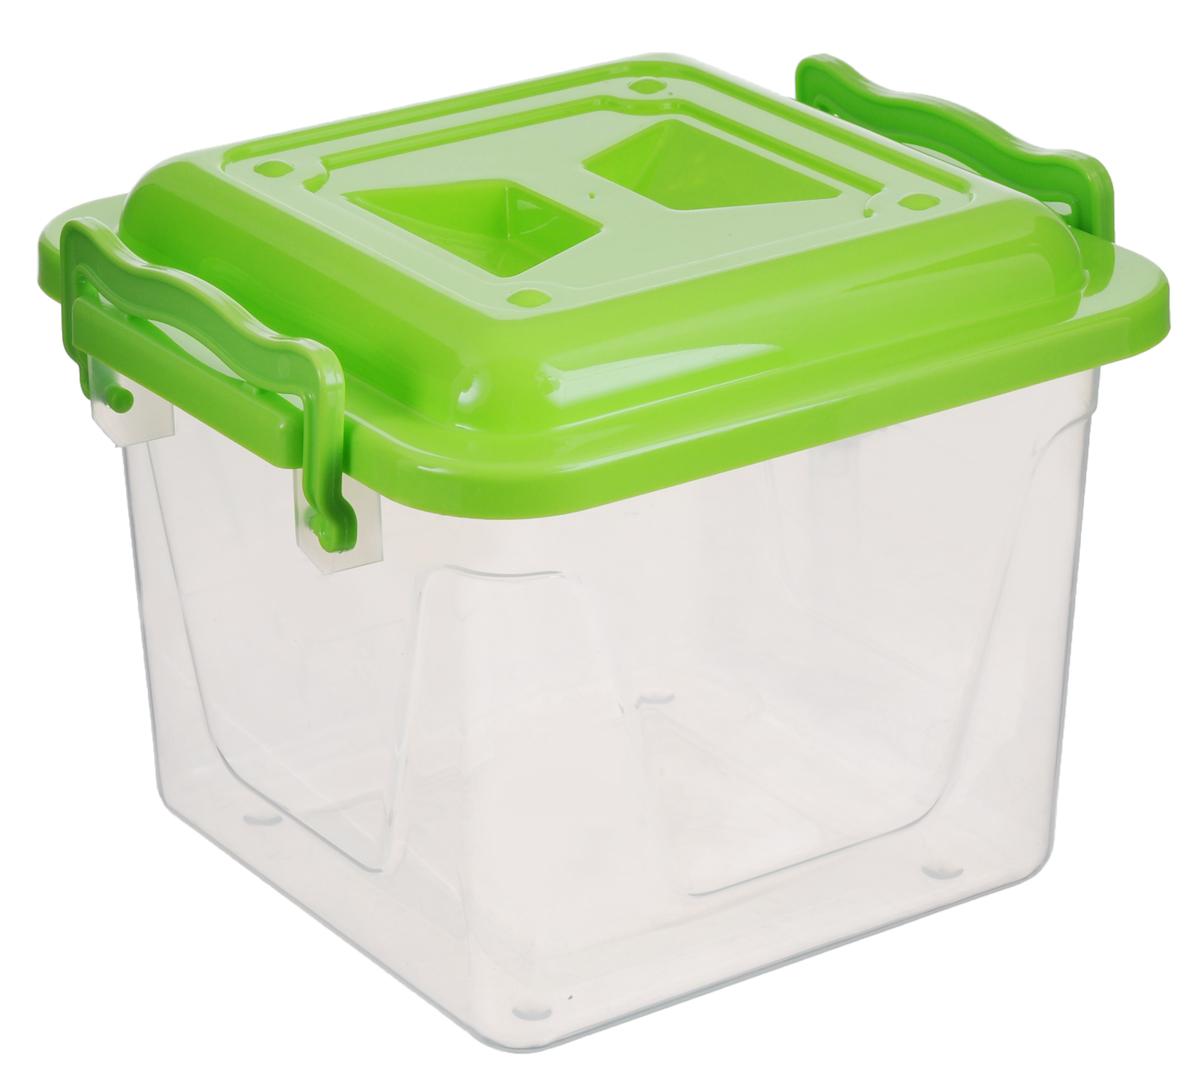 Контейнер Альтернатива, цвет: салатовый, прозрачный, 4 лCLP446Квадратный контейнер Альтернатива, выполненный из прочного пластика, предназначен для хранения различных бытовых вещей и продуктов. Он оснащен по бокам ручками, которые плотно закрывают крышку контейнера.Контейнер Альтернатива поможет хранить все в одном месте, а также защитит вещи от пыли, грязи и влаги.